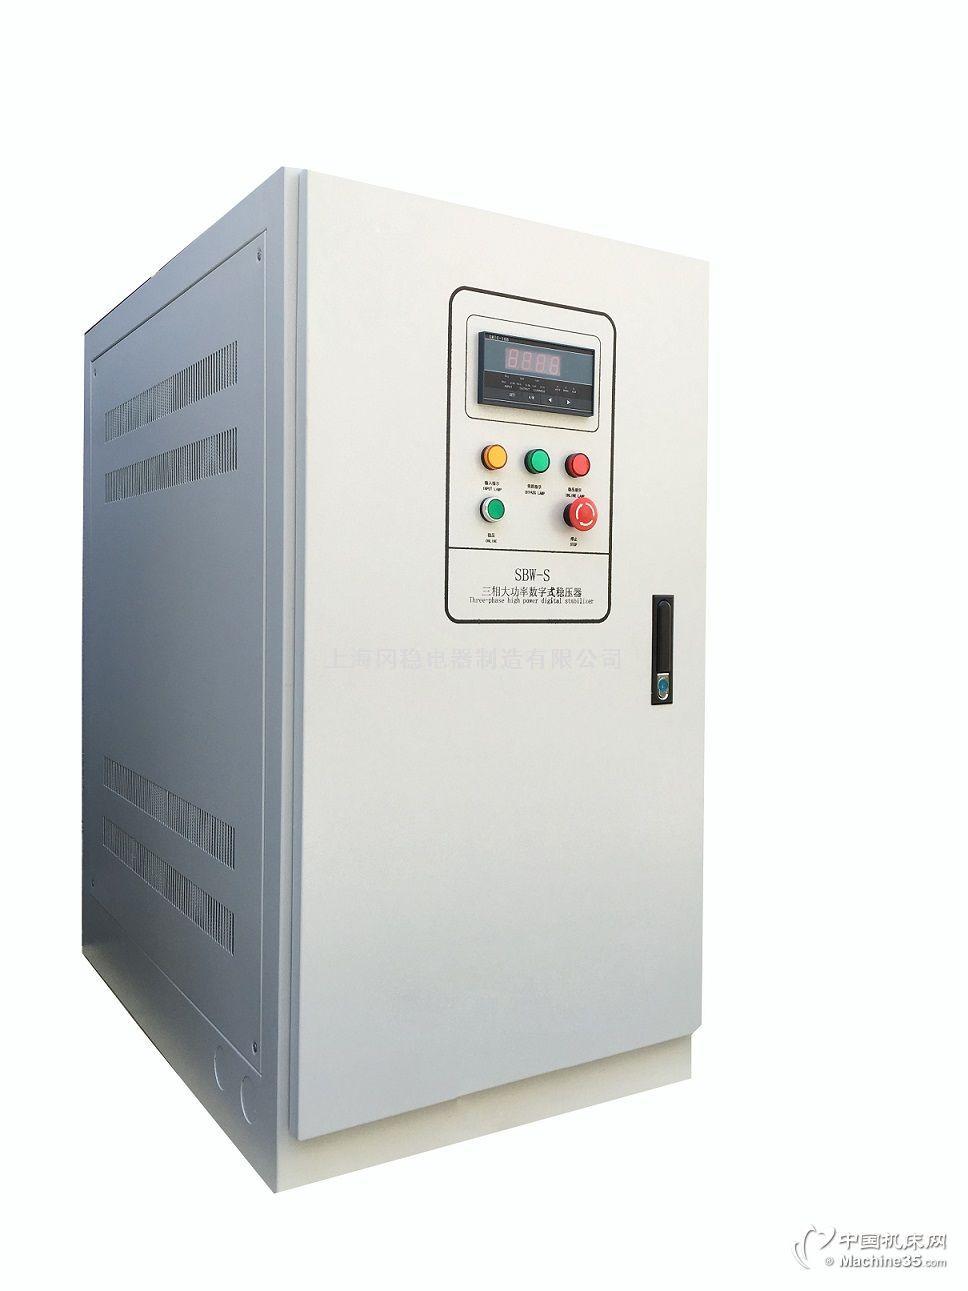 上海冈稳数控机床专用)微机控制补偿式交流稳压器